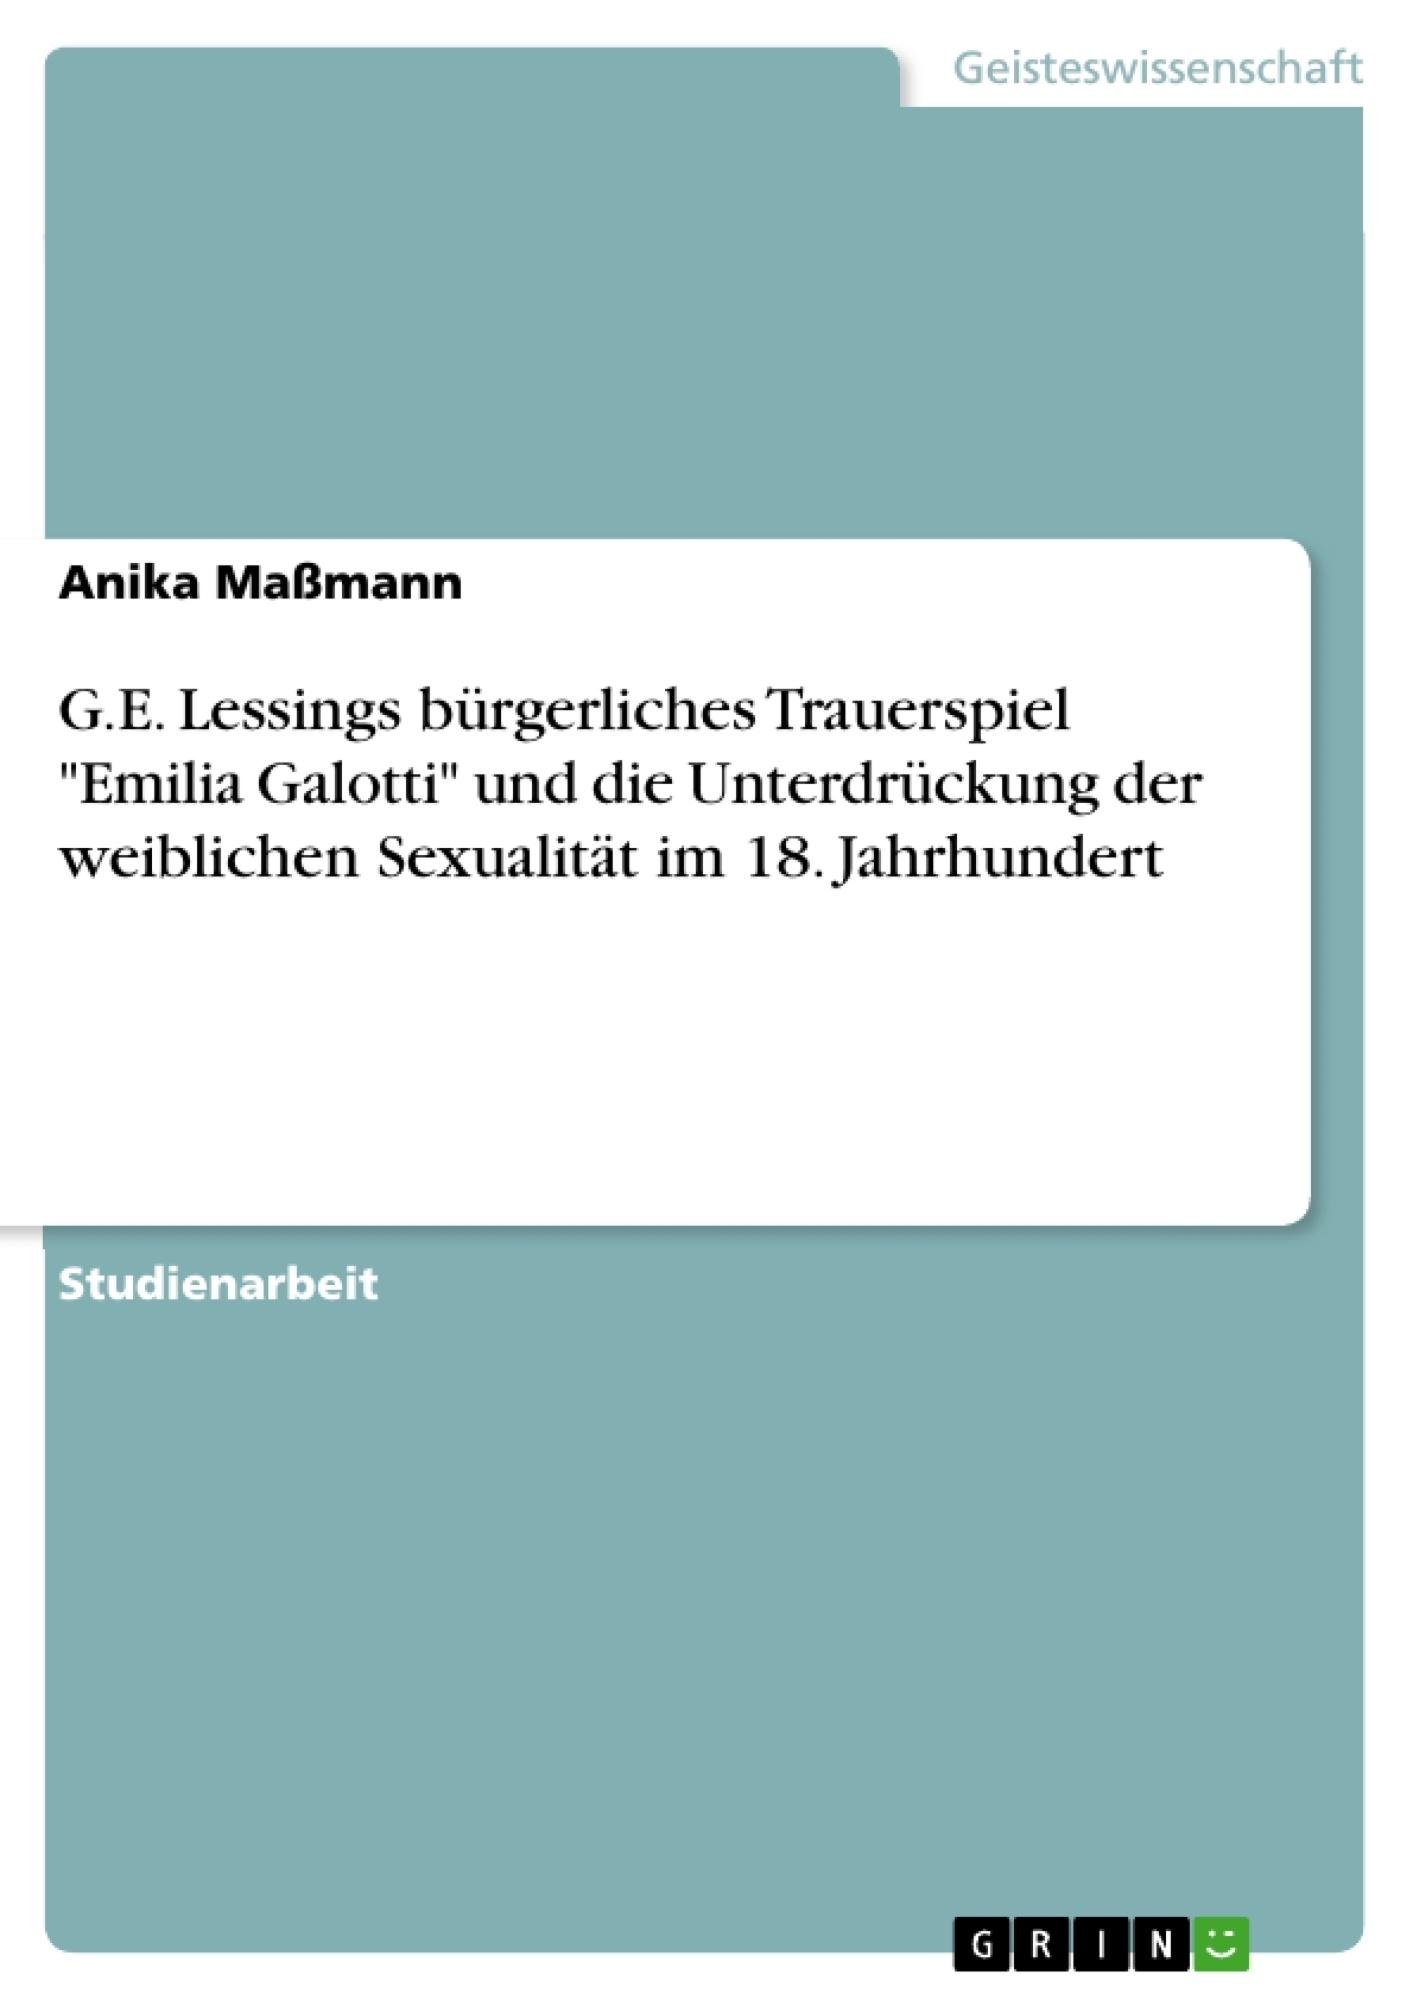 """Titel: G.E. Lessings bürgerliches Trauerspiel """"Emilia Galotti"""" und die Unterdrückung der weiblichen Sexualität im 18. Jahrhundert"""